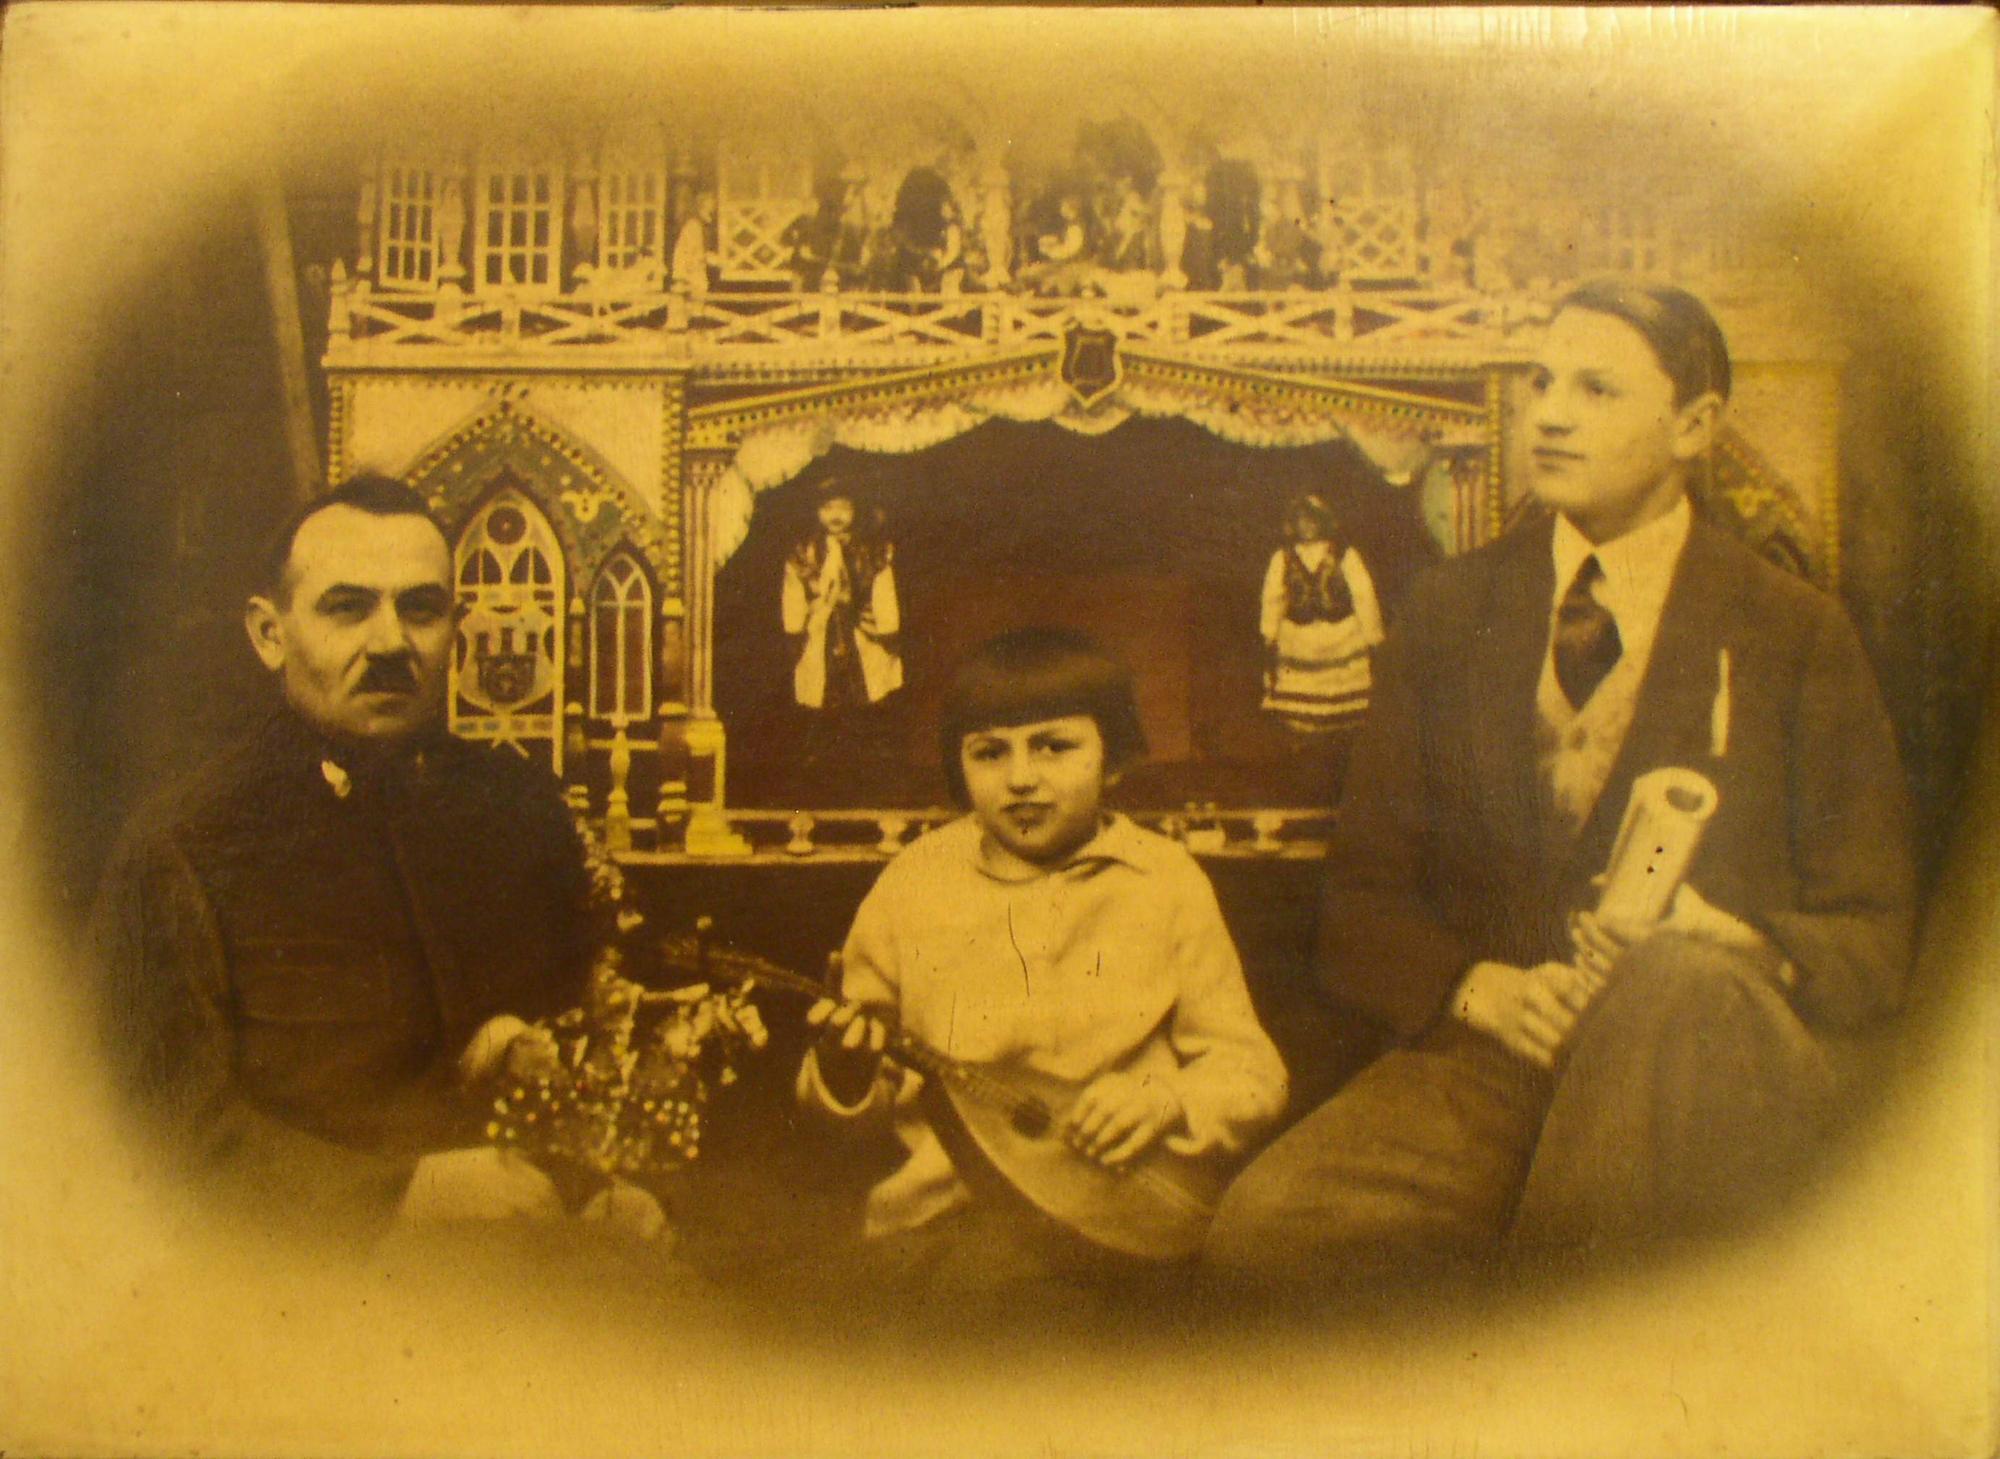 Walenty Malik, córka Irena, Syn Włodzimierz (źródło: materiały prasowe Muzeum Historycznego Miasta Krakowa)